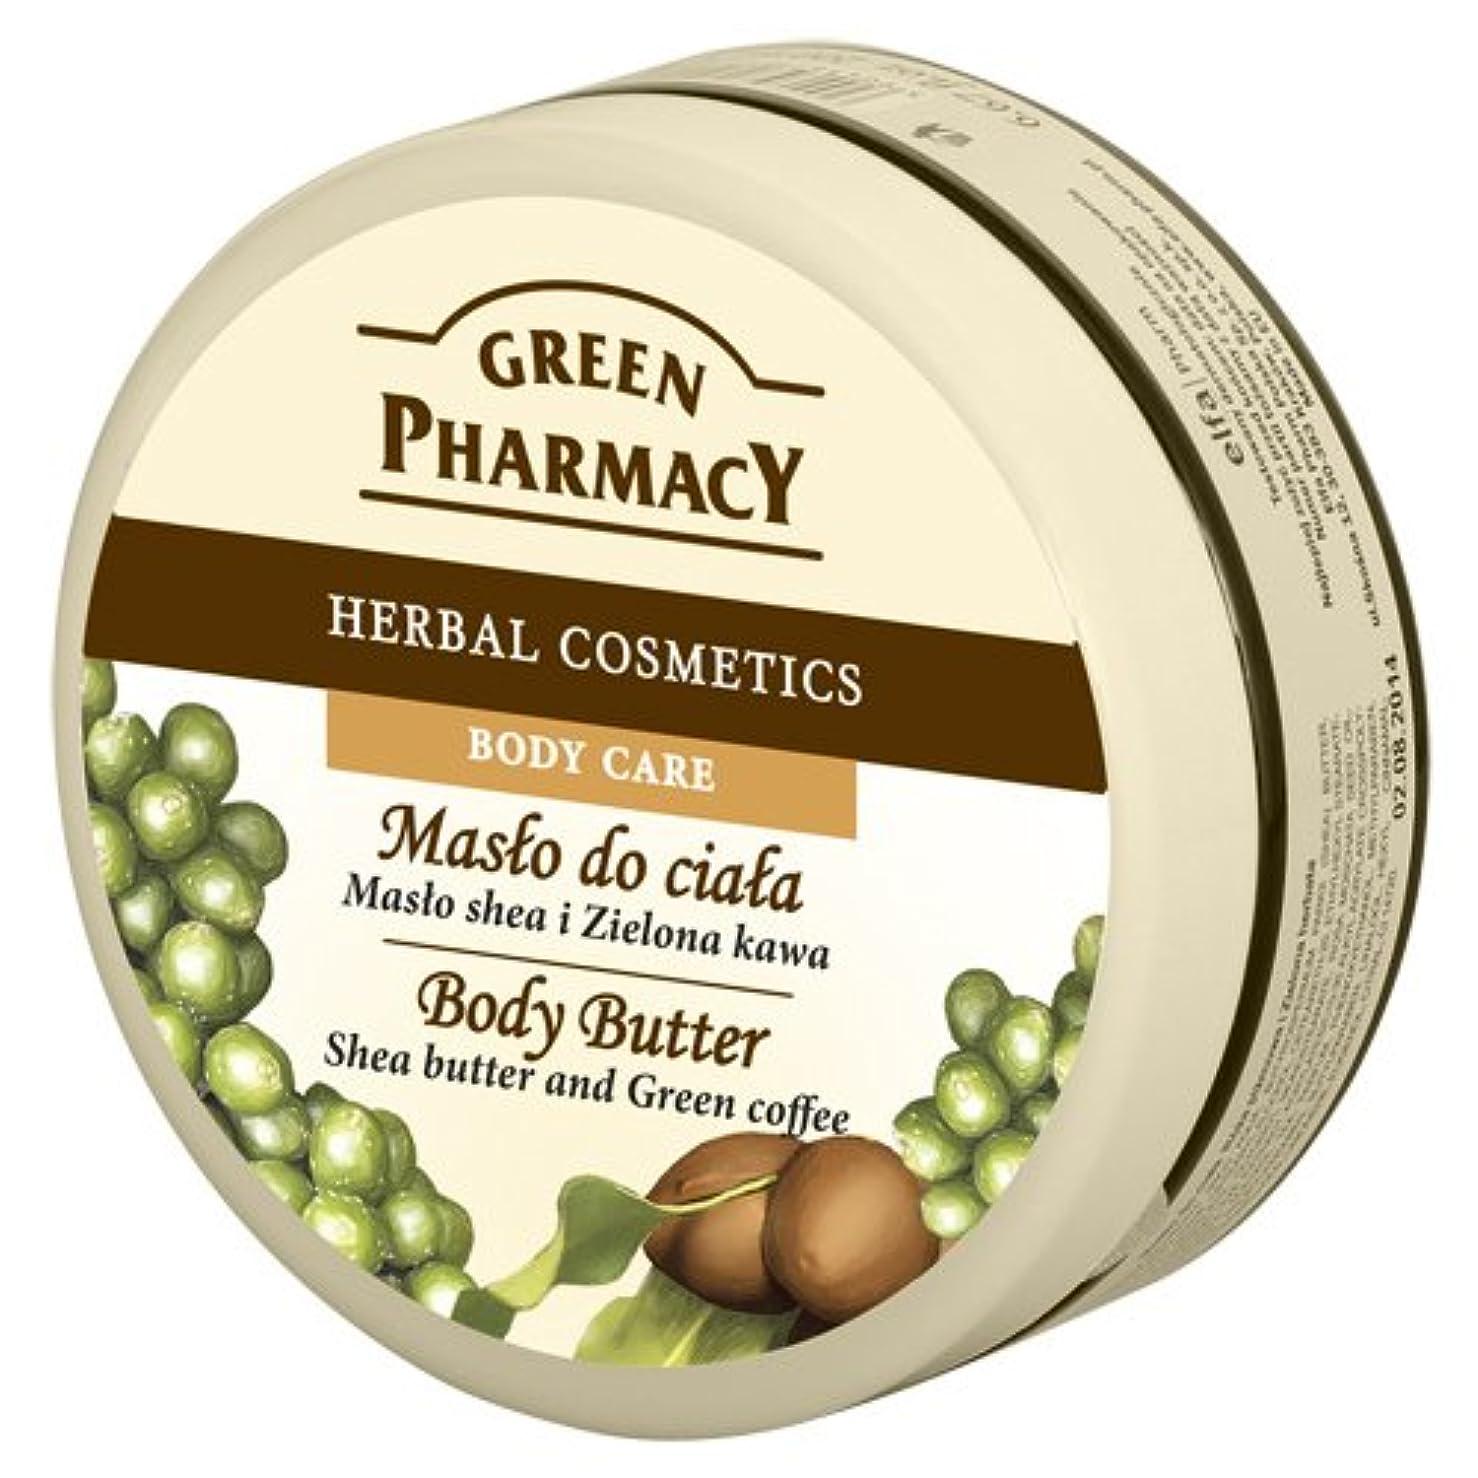 レッスン全体に衛星Elfa Pharm Green Pharmacy グリーンファーマシー Body Butter ボディバター Shea Butter and Green Coffee